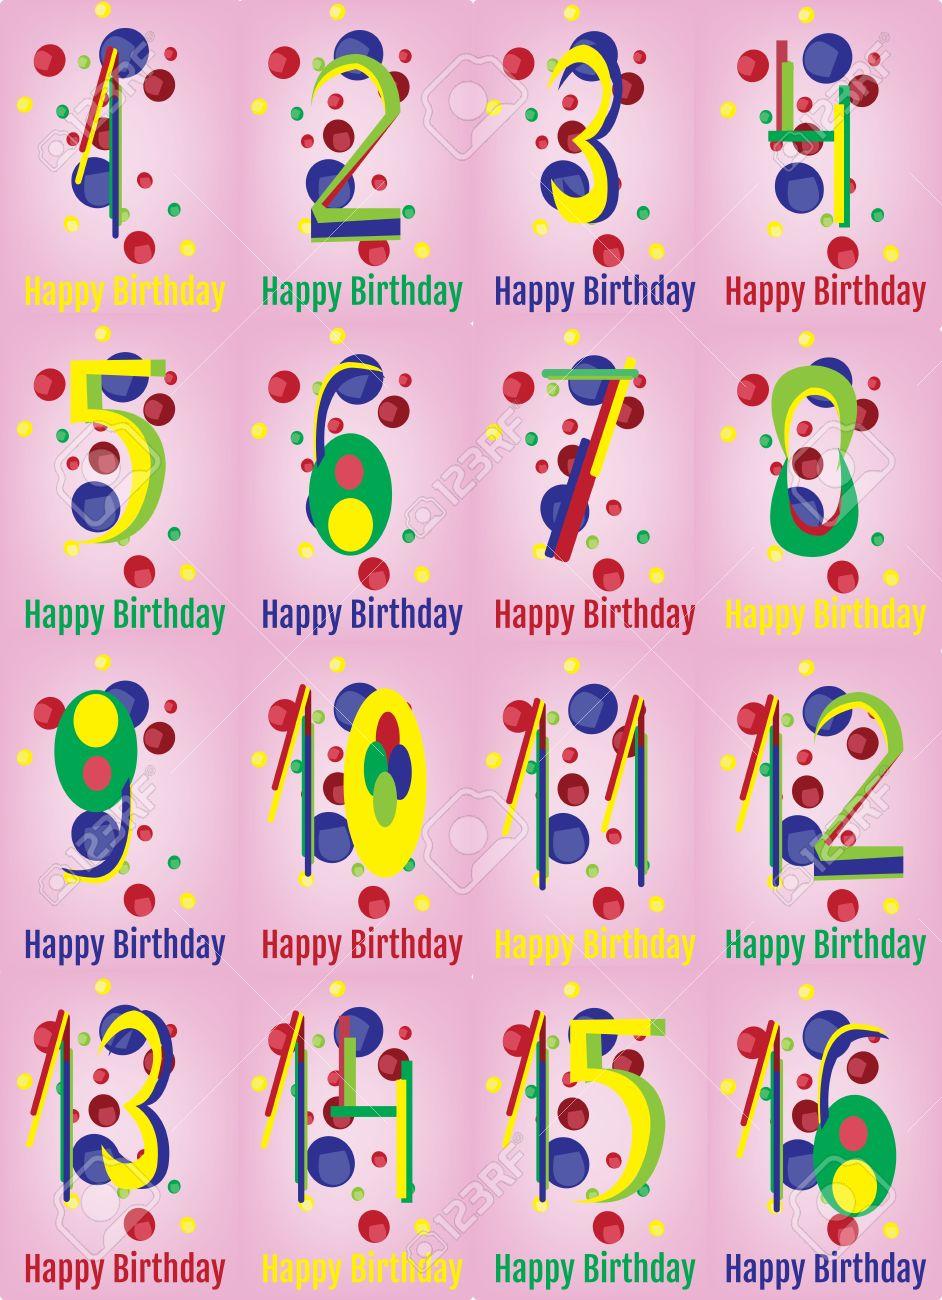 Carte De Joyeux Anniversaire Joyeux Anniversaire Vecteur D Impression Papier D Emballage Numerique Affiche Anniversaire De Bebe Birthday Party Decoration Adolescent Avec Colorful Backdrop Confetti Rose Clip Art Libres De Droits Vecteurs Et